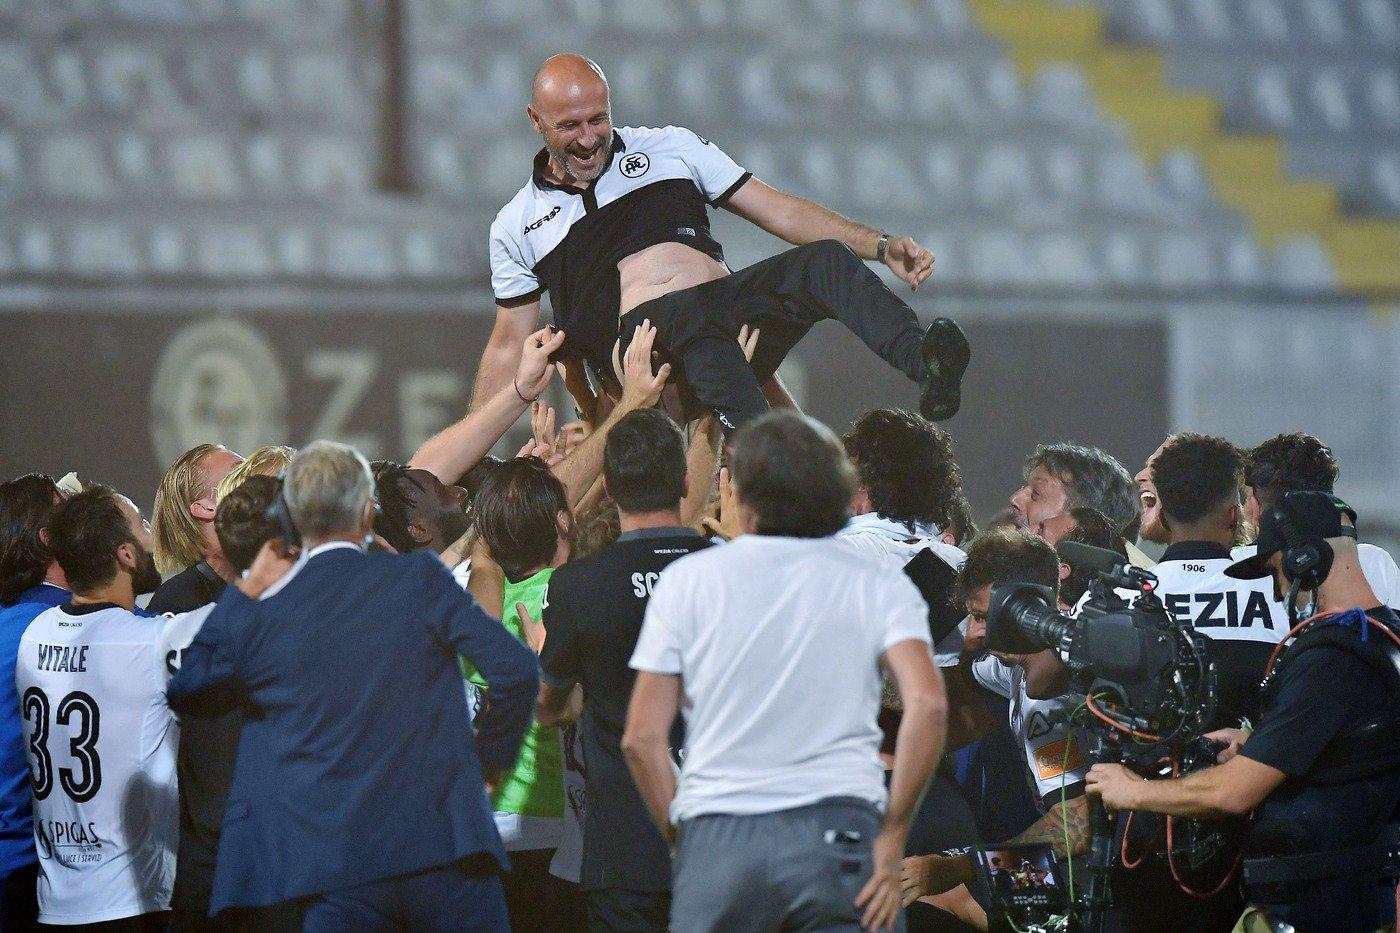 Playoff Serie B, lo Spezia conquista una storica promozione in A ...